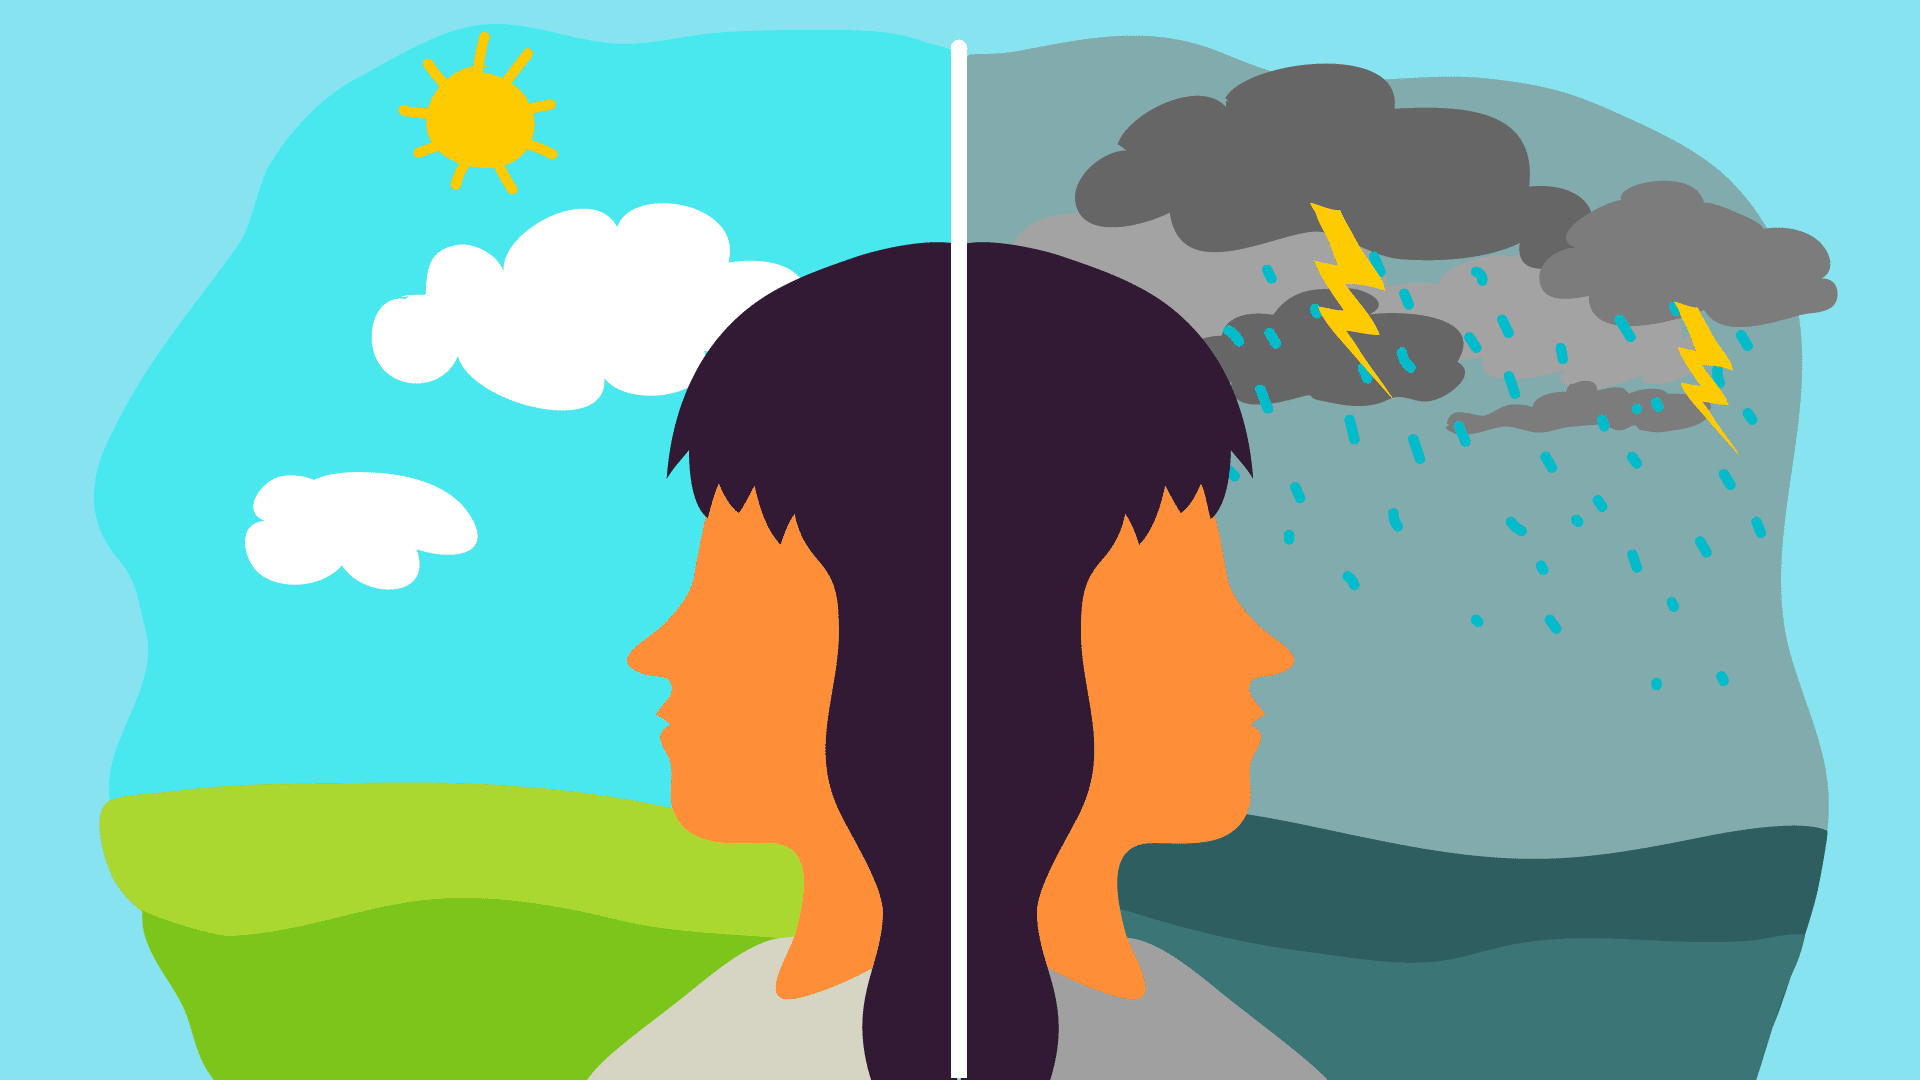 Ραντεβού με κάποιον με οριακά φόρουμ διαταραχή της προσωπικότητας